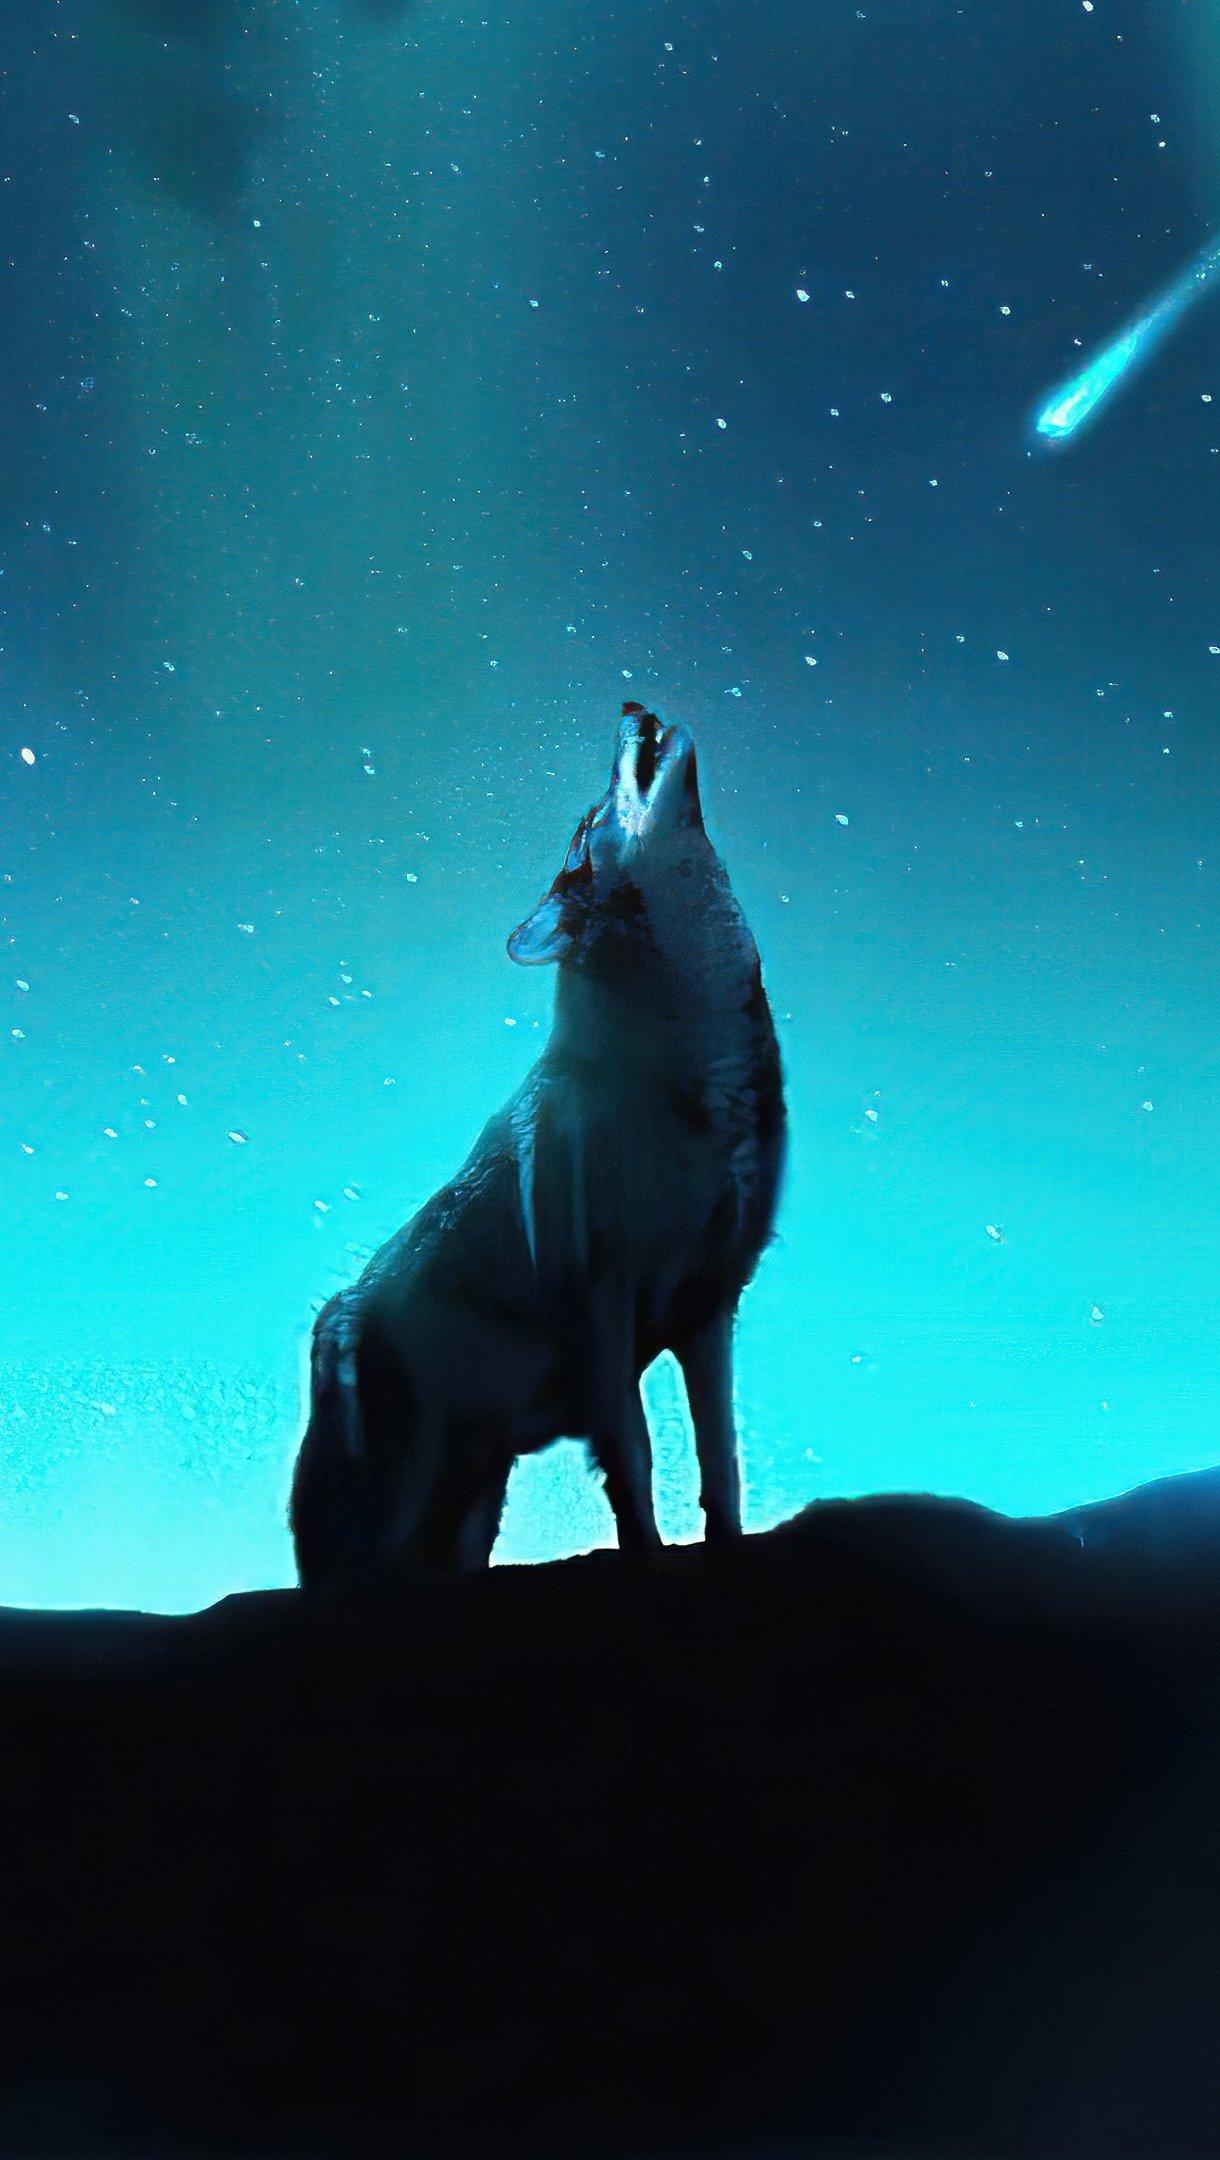 Fondos de pantalla Lobo aullando en las estrellas Vertical